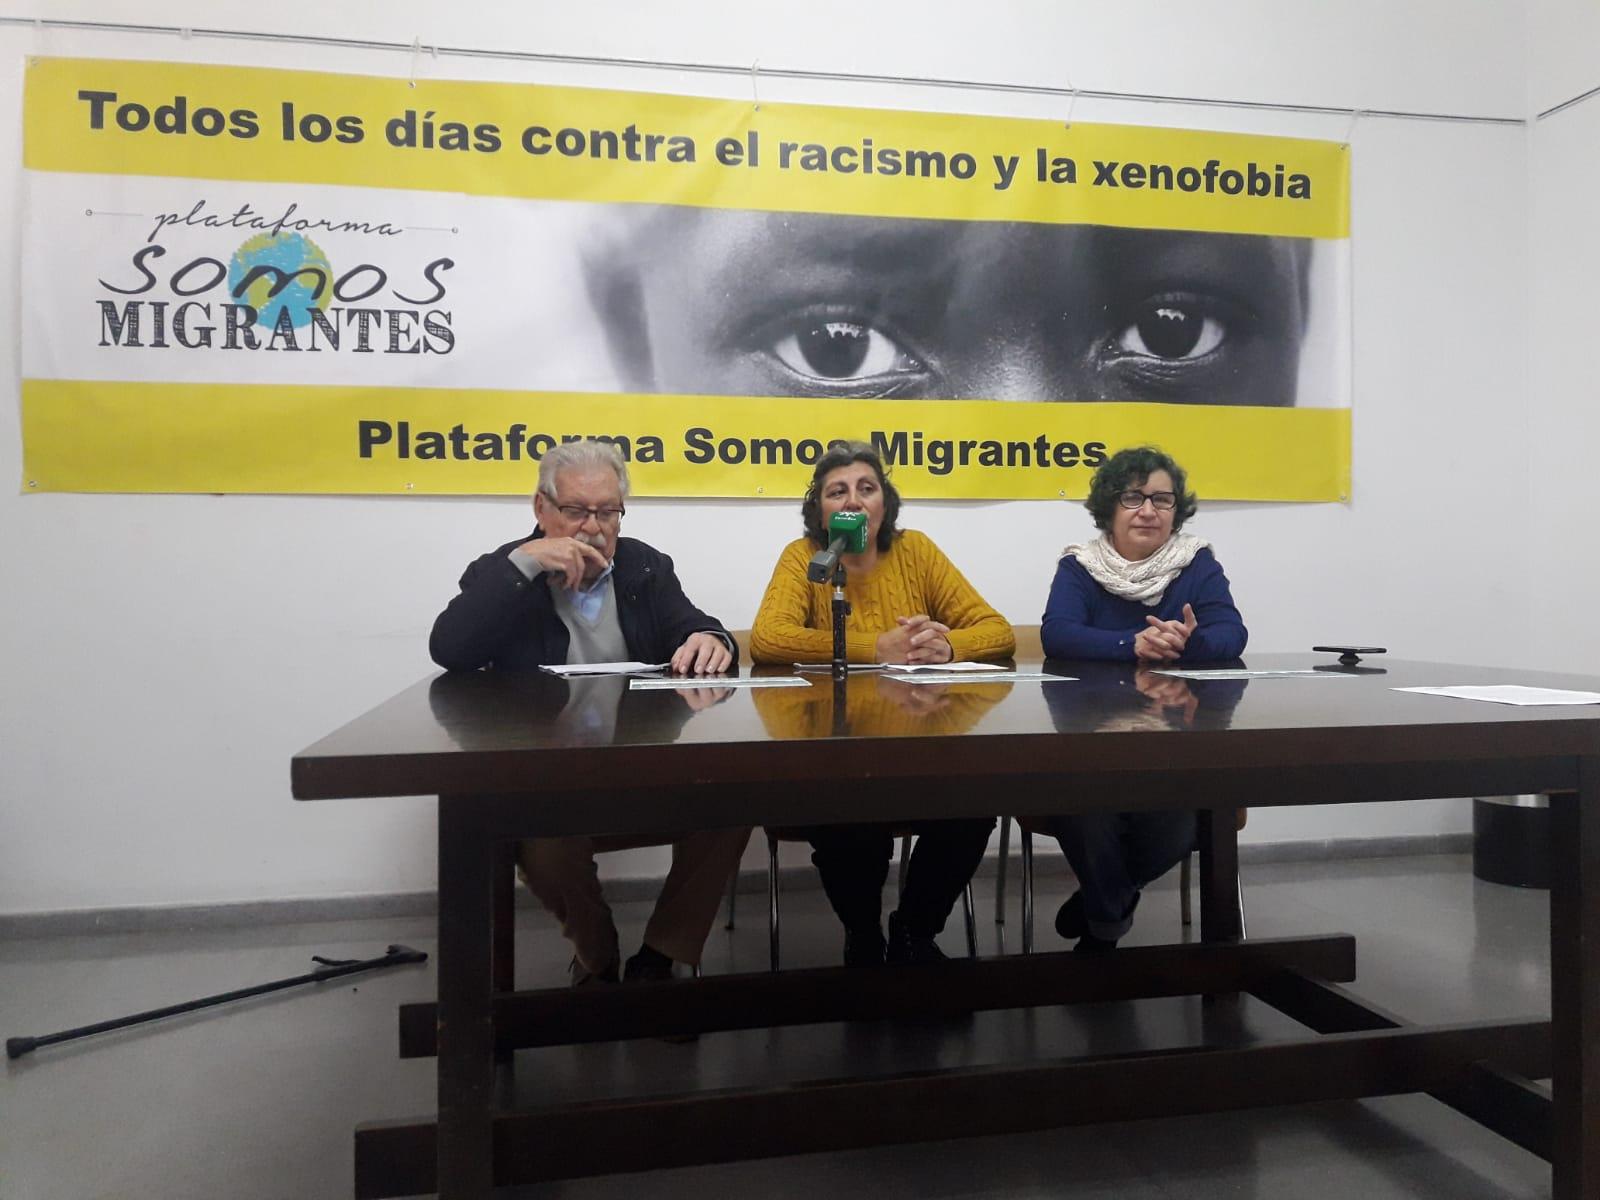 La Plataforma 'Somos Migrantes' convoca una manifestación por los derechos de las personas migrantes